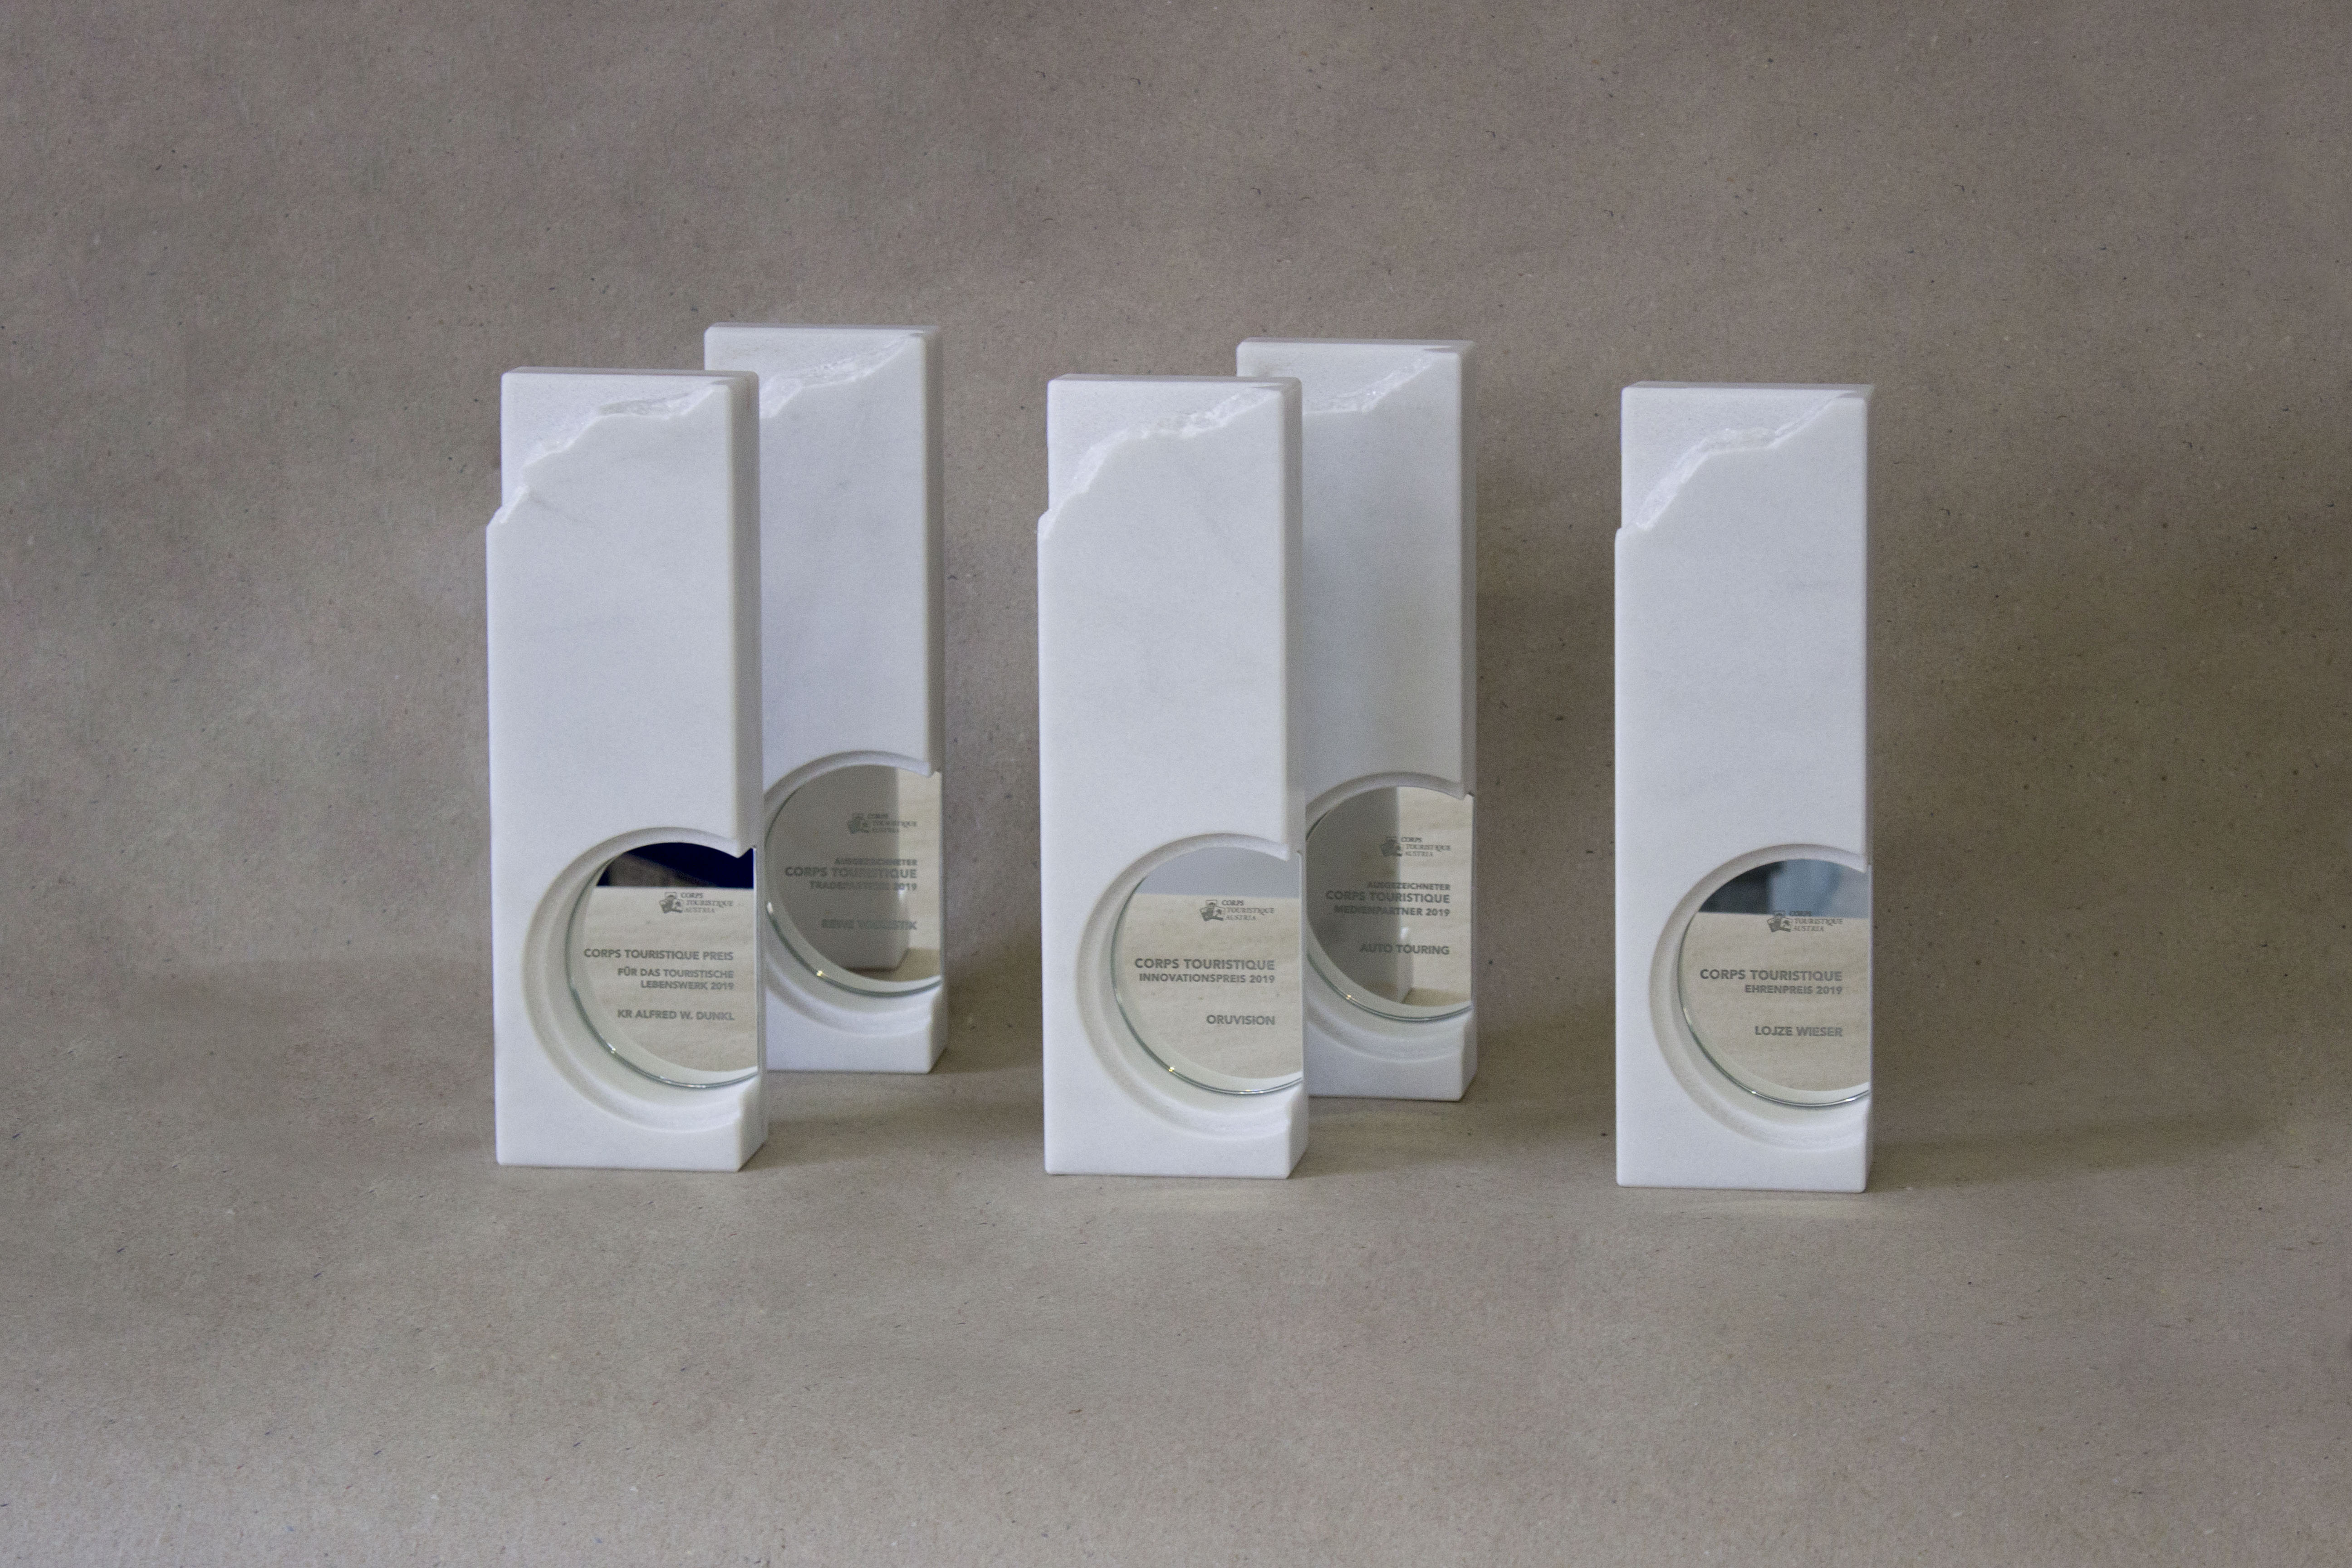 Trophies made of Stone, Stein Schwarz (c) Julia Schwarz